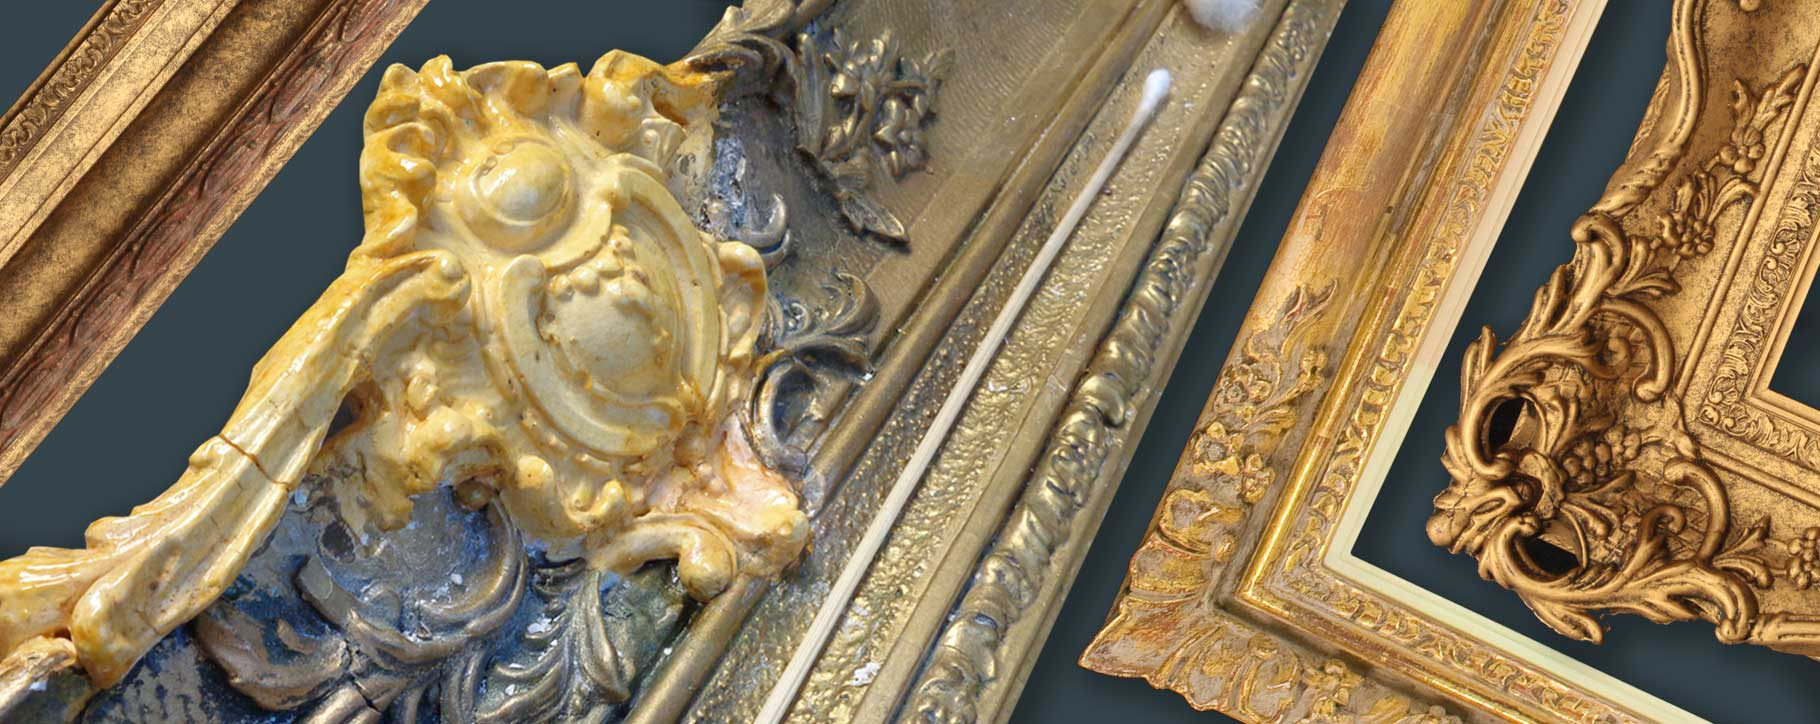 frame damage restoration